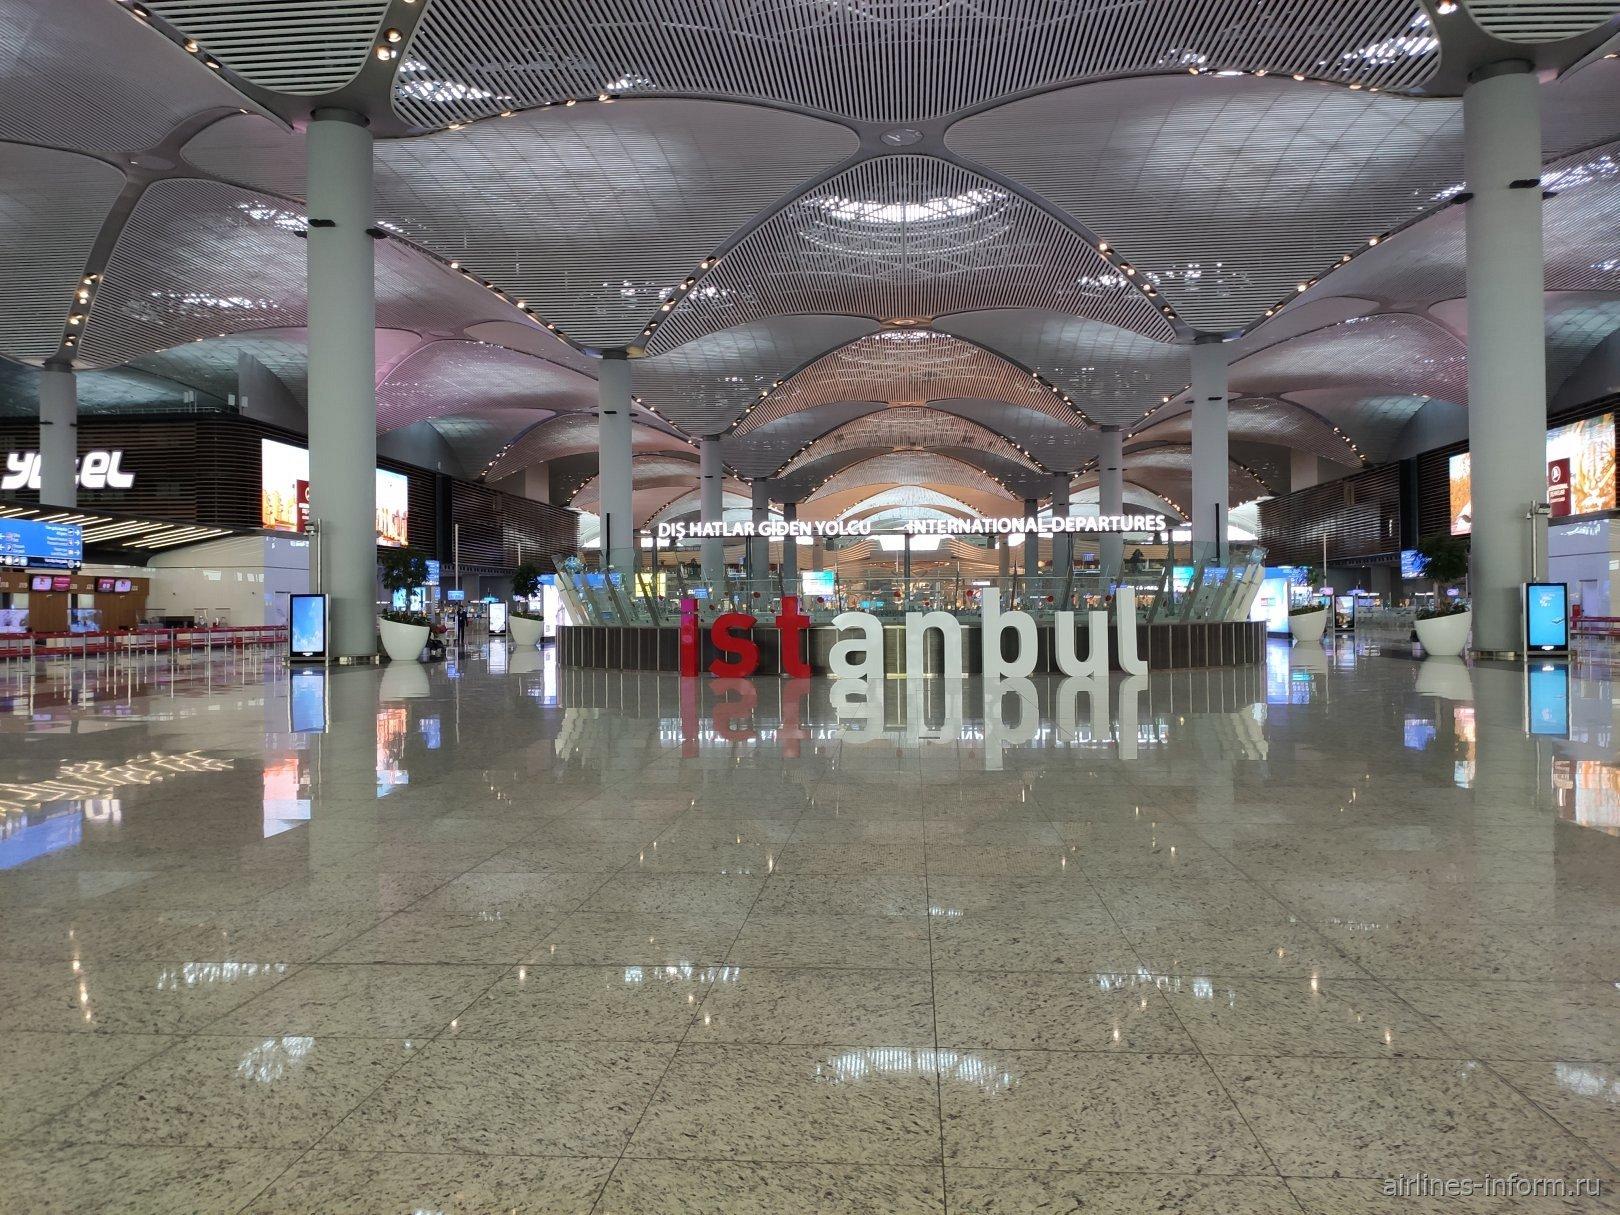 Центральный зал в терминале аэропорта Стамбул Новый